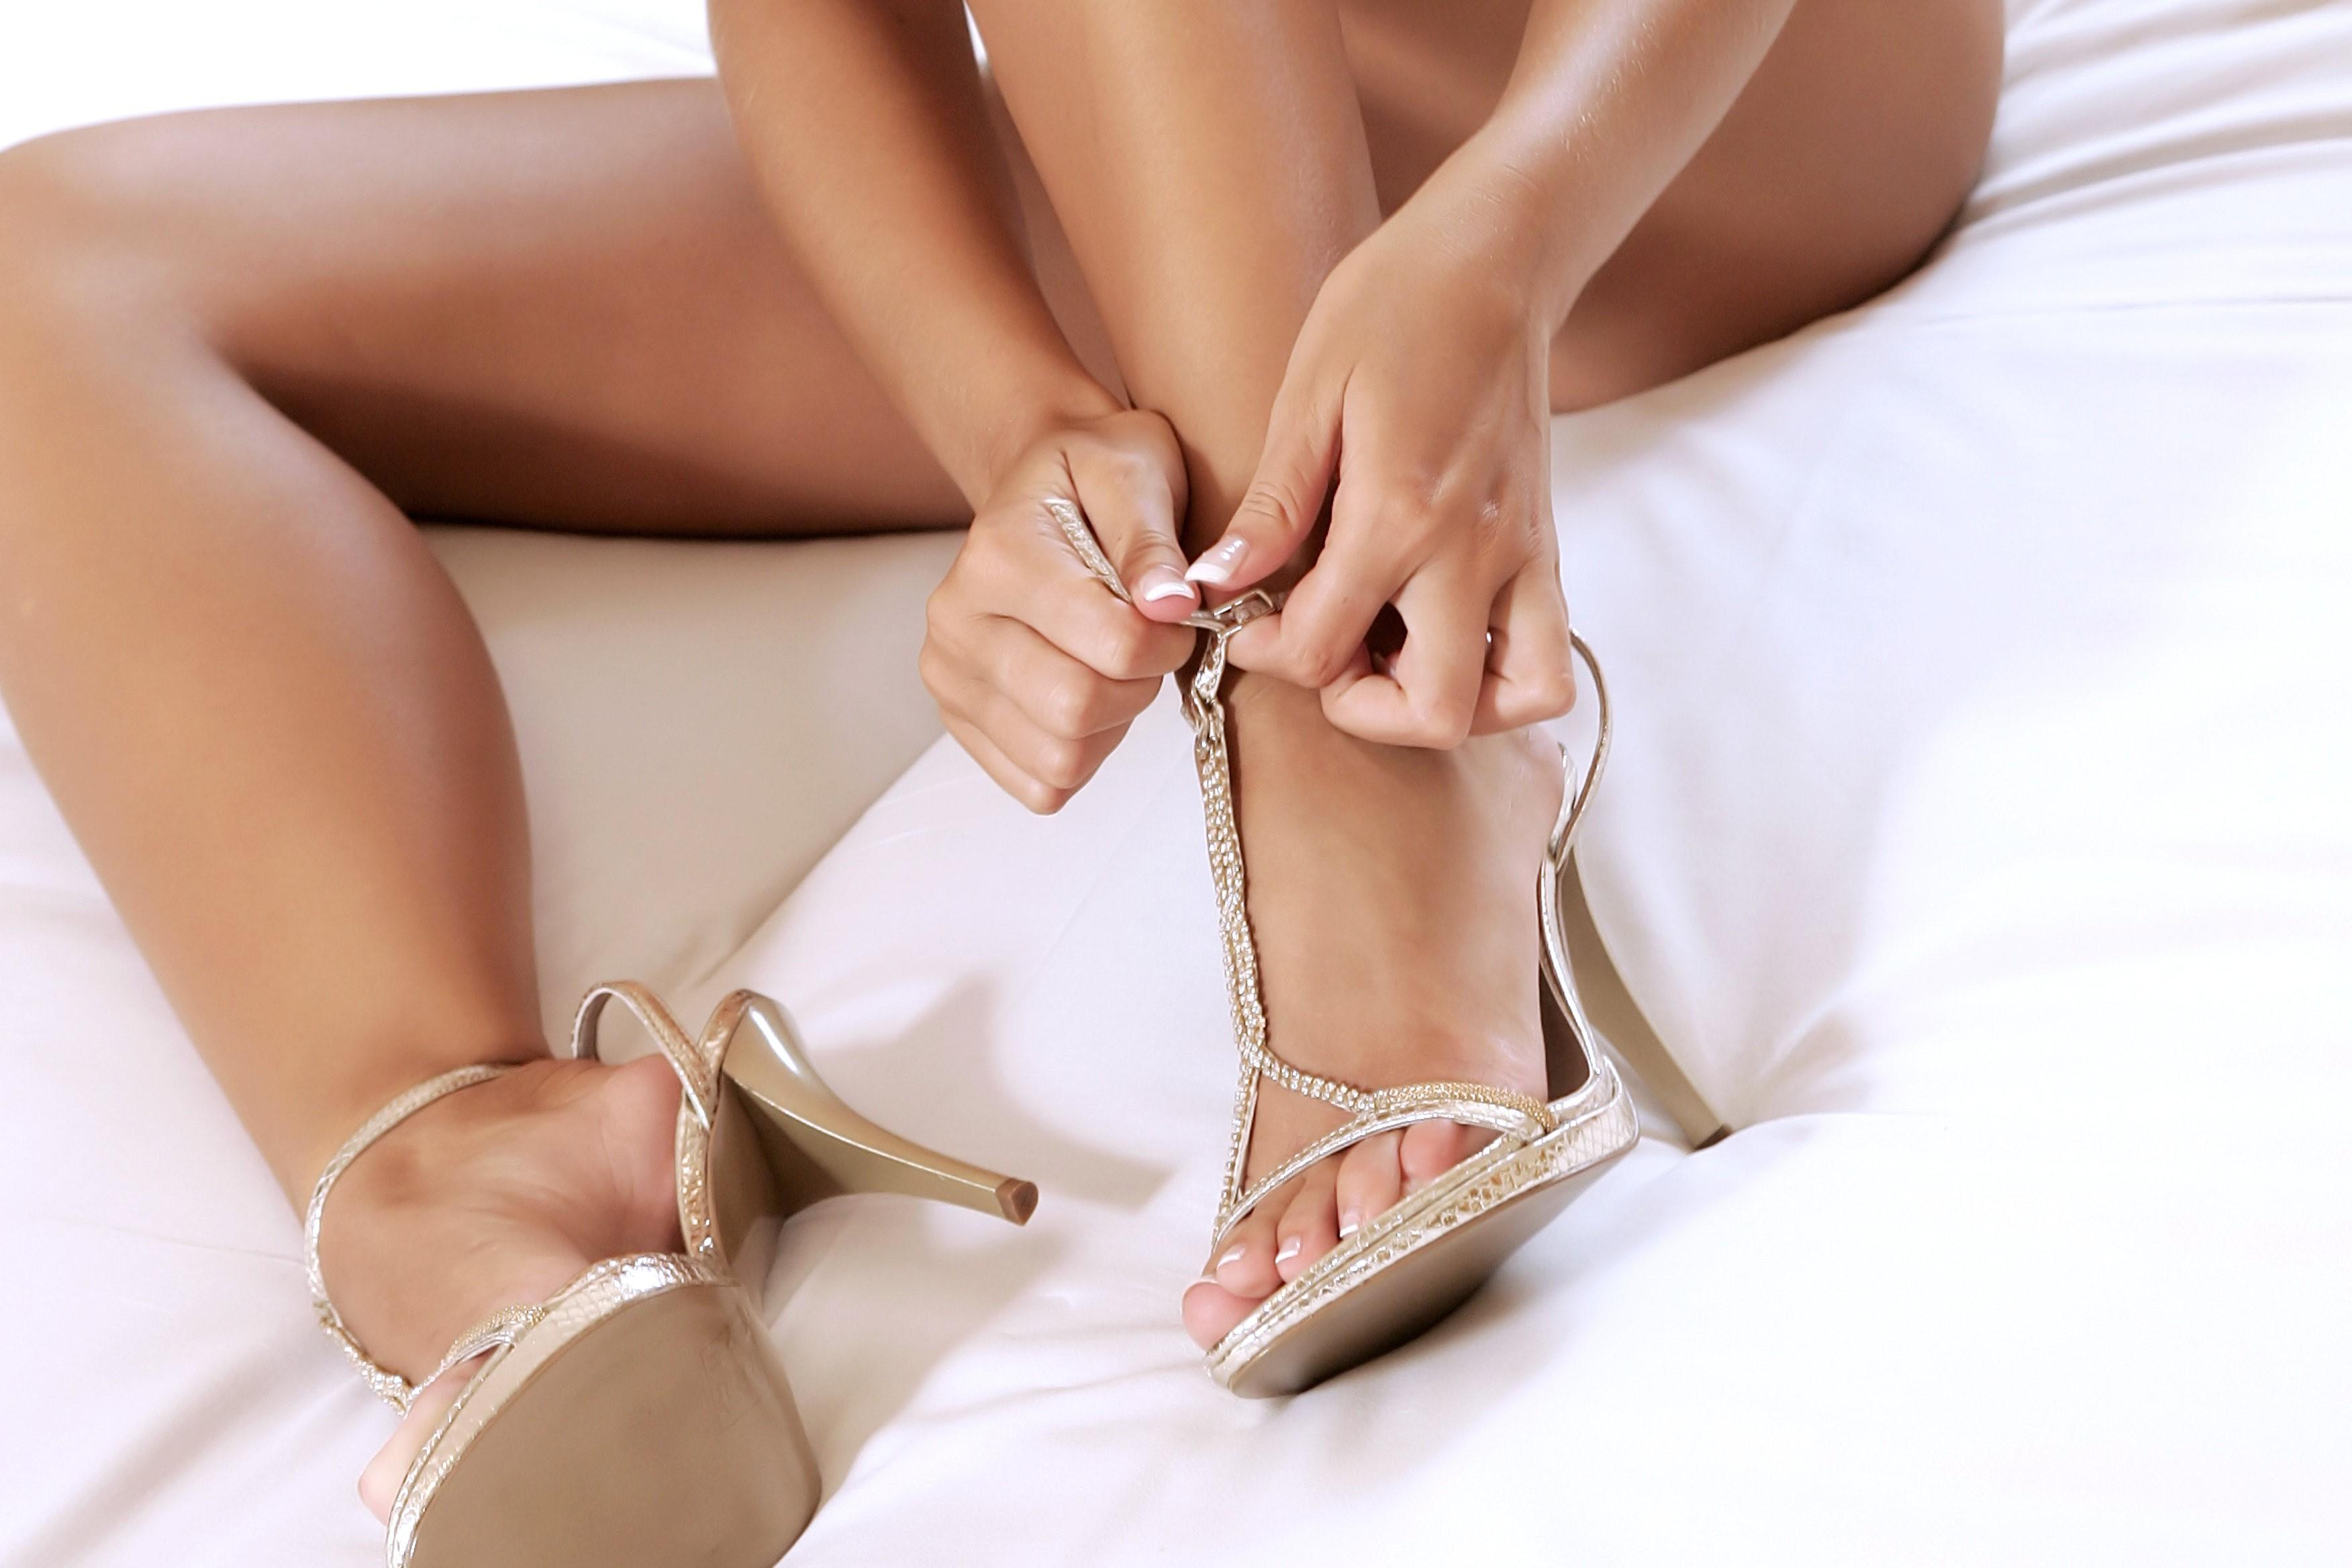 очень красивая фото женских ног смотреть онлайн когда нашел